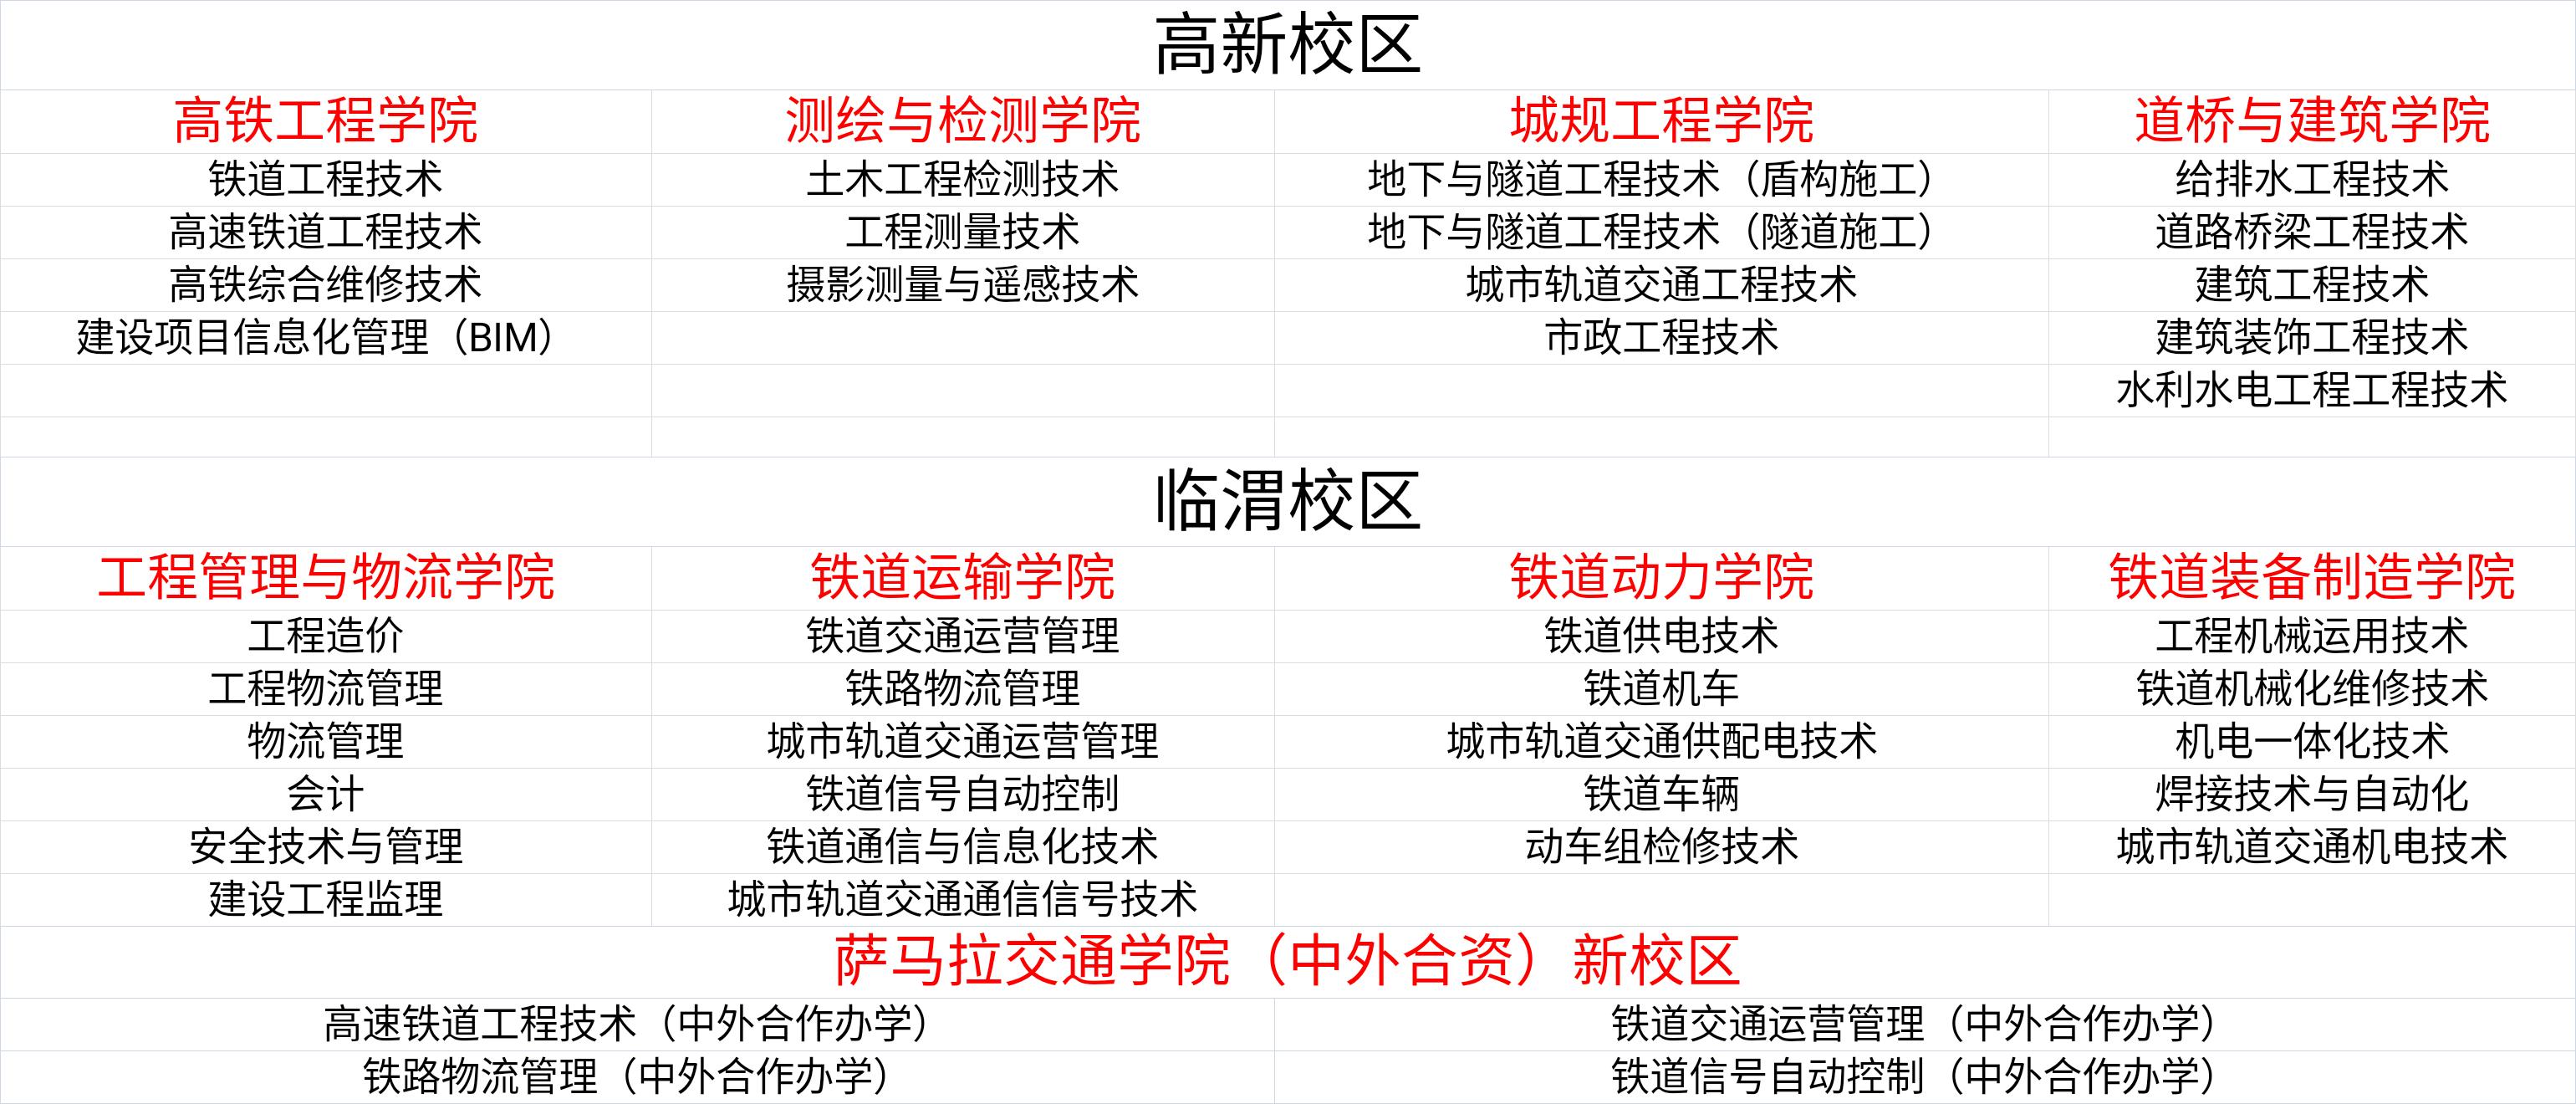 专业和学院以及校区划分